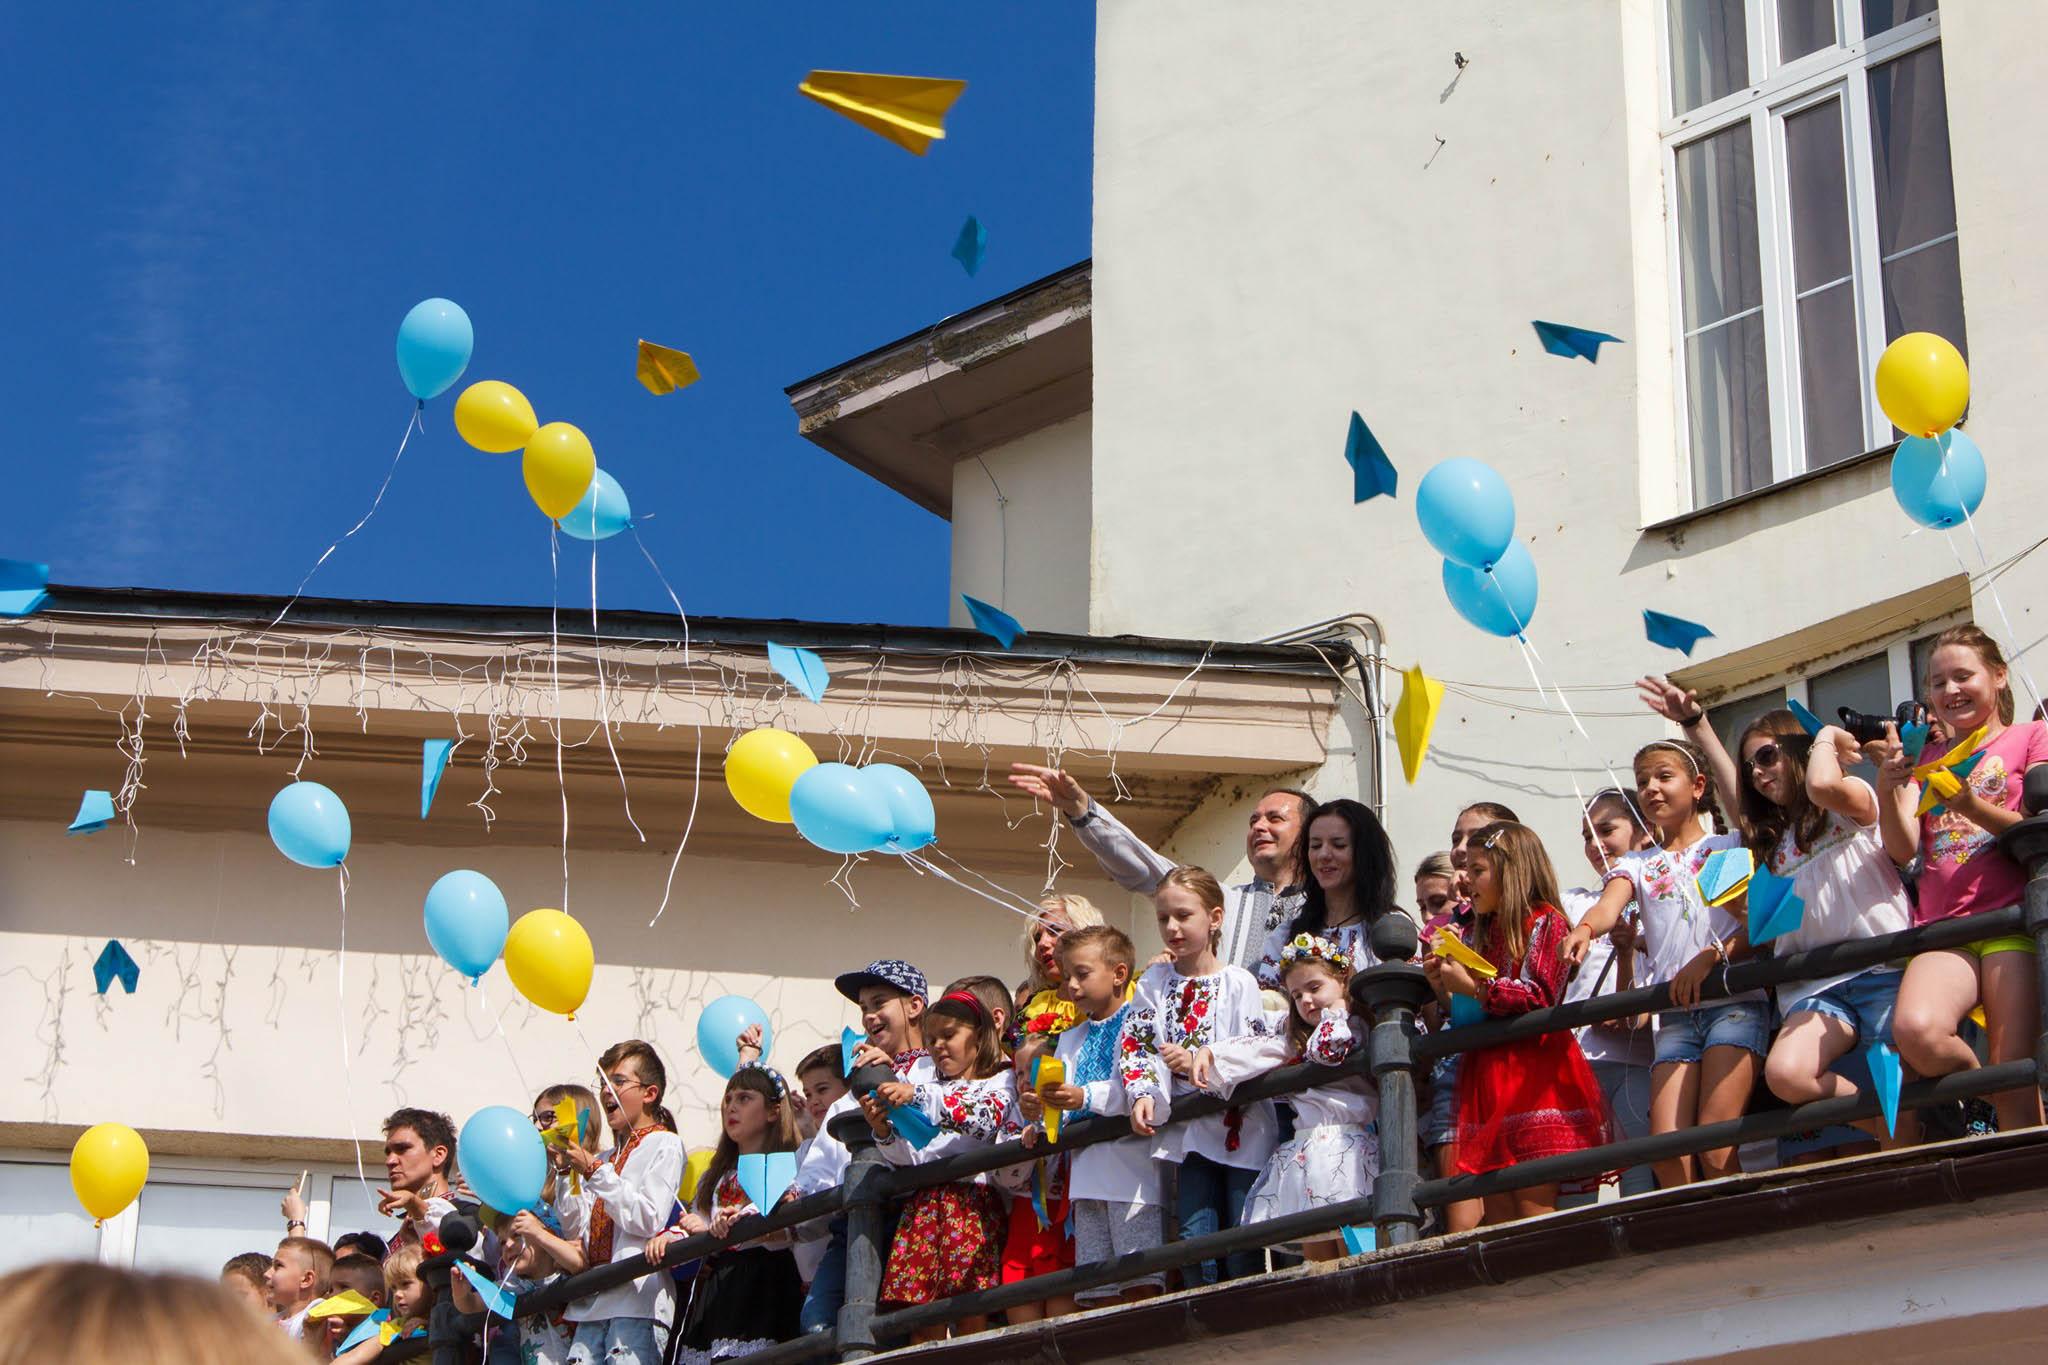 З франківської Ратуші діти запустили десятки паперових літачків (ФОТО)